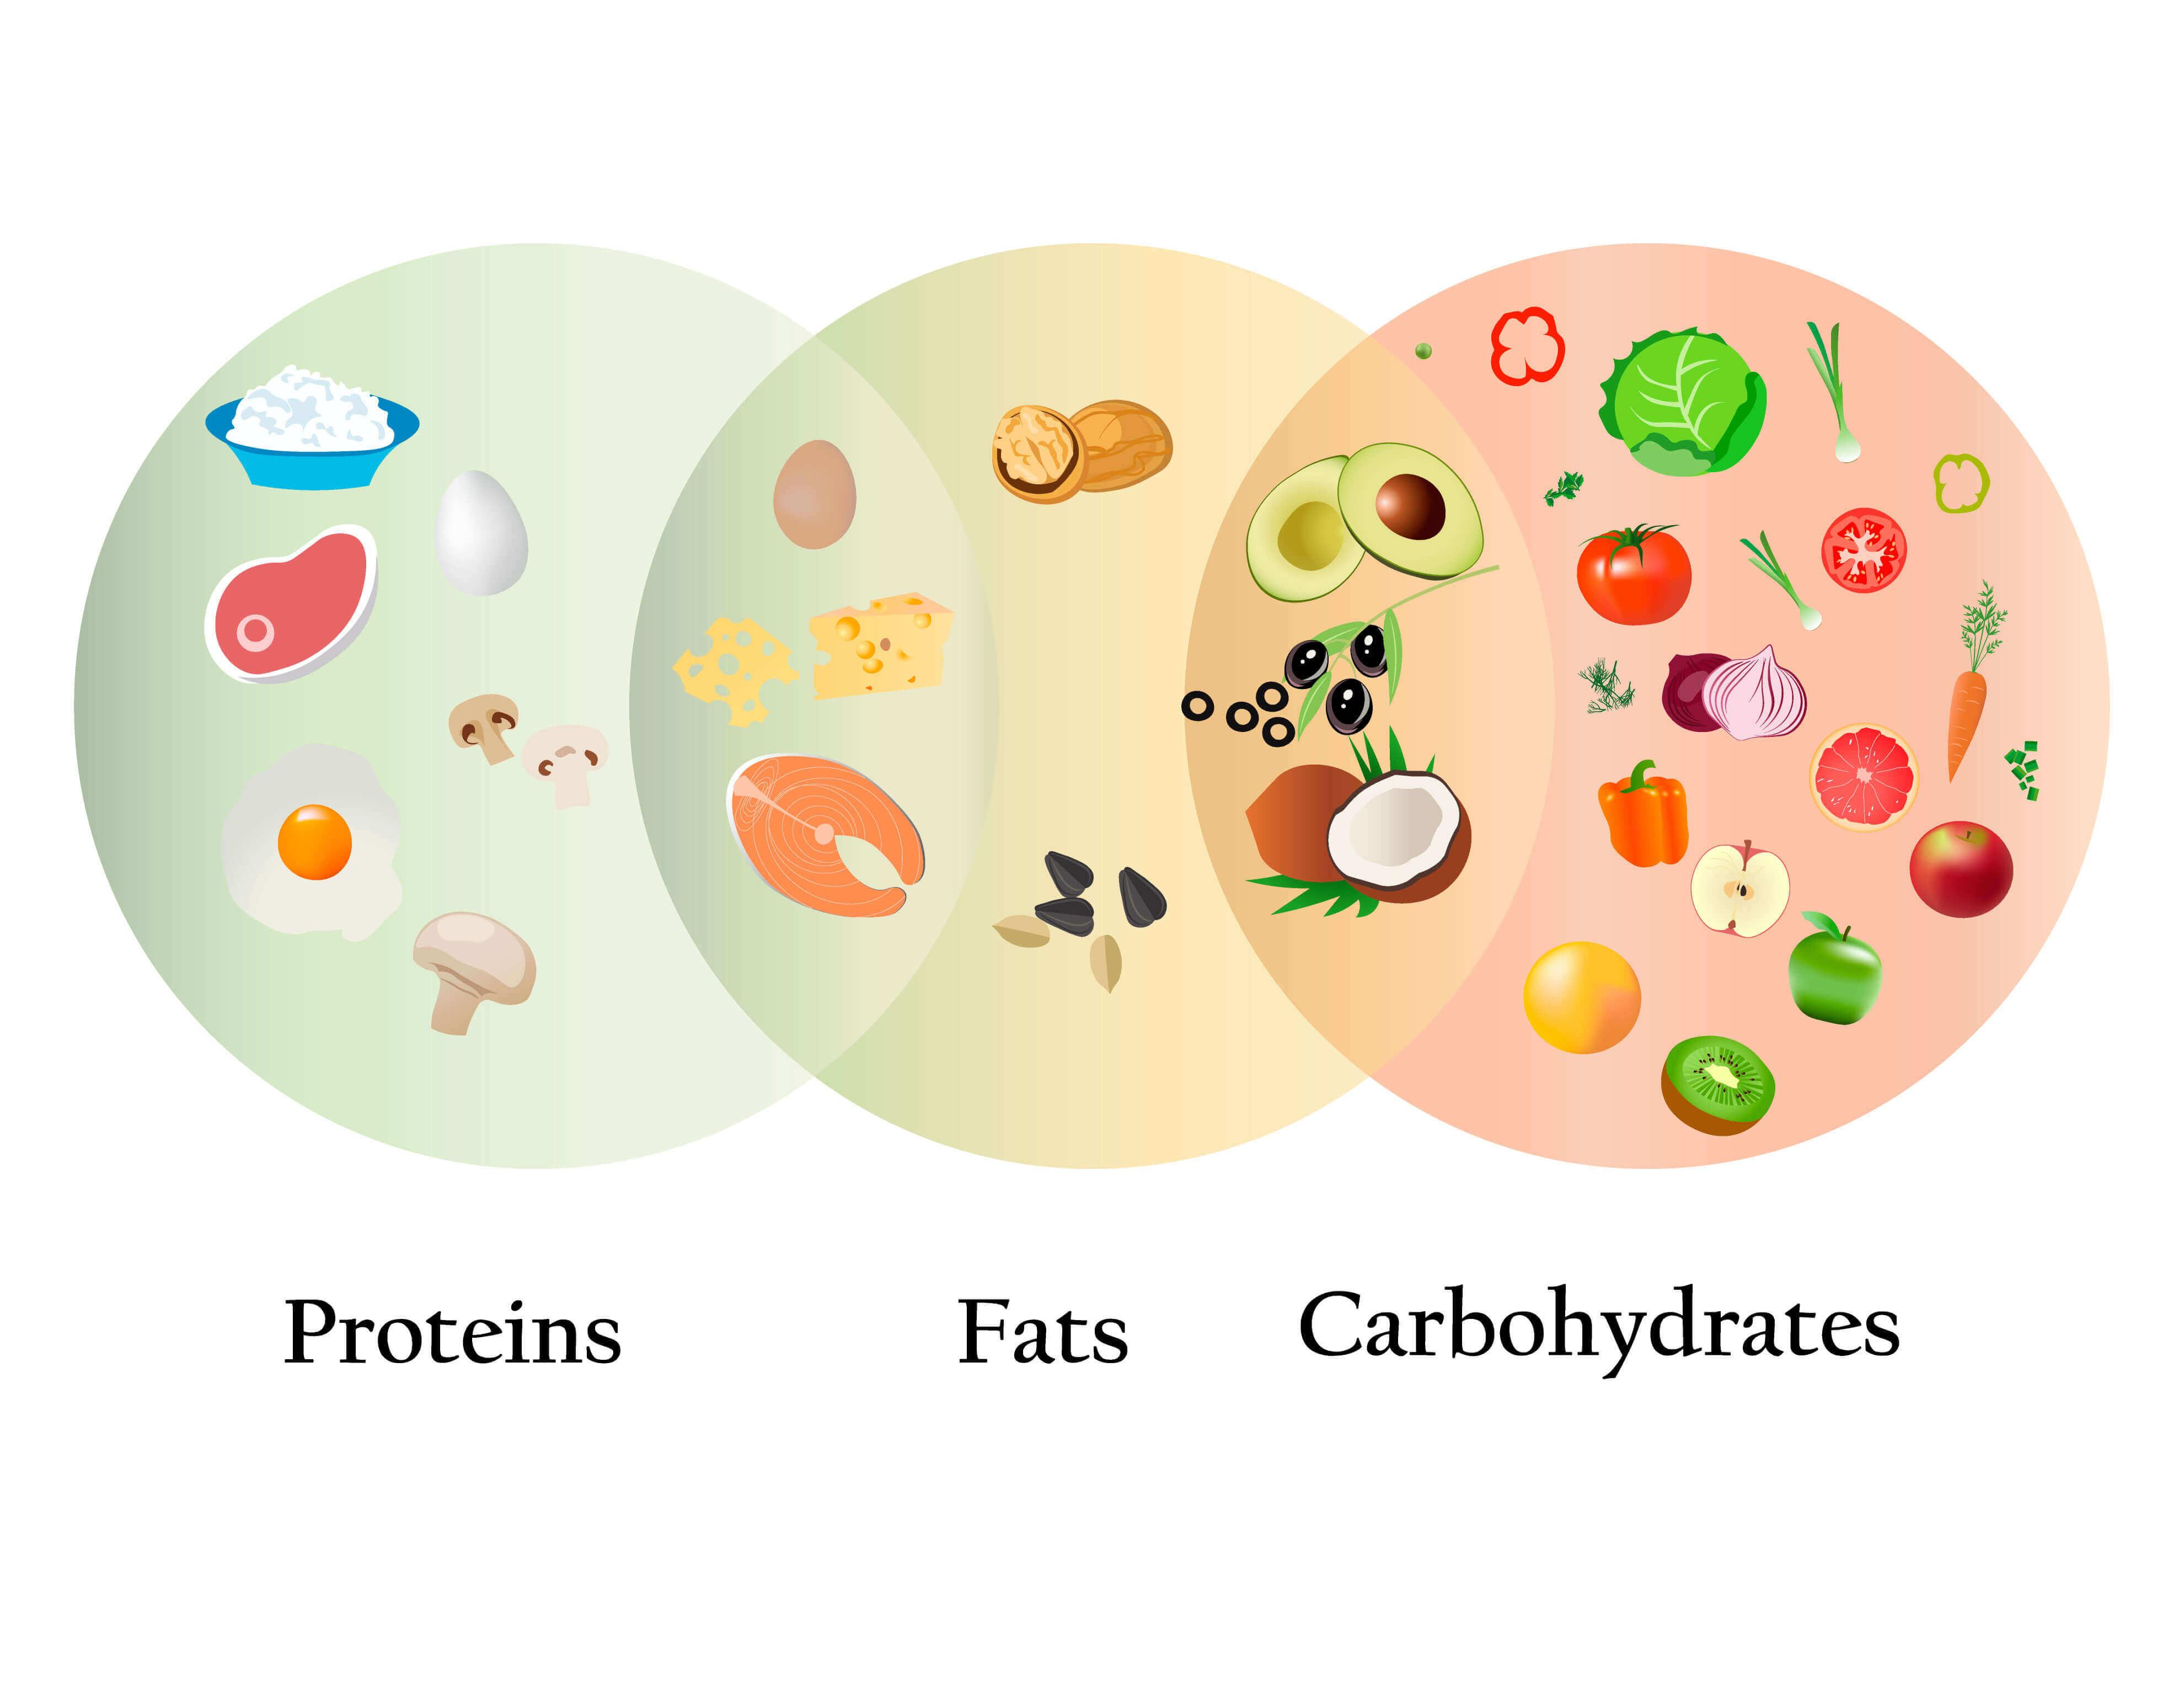 quali nutrienti essenziali sono contenuti negli alimenti